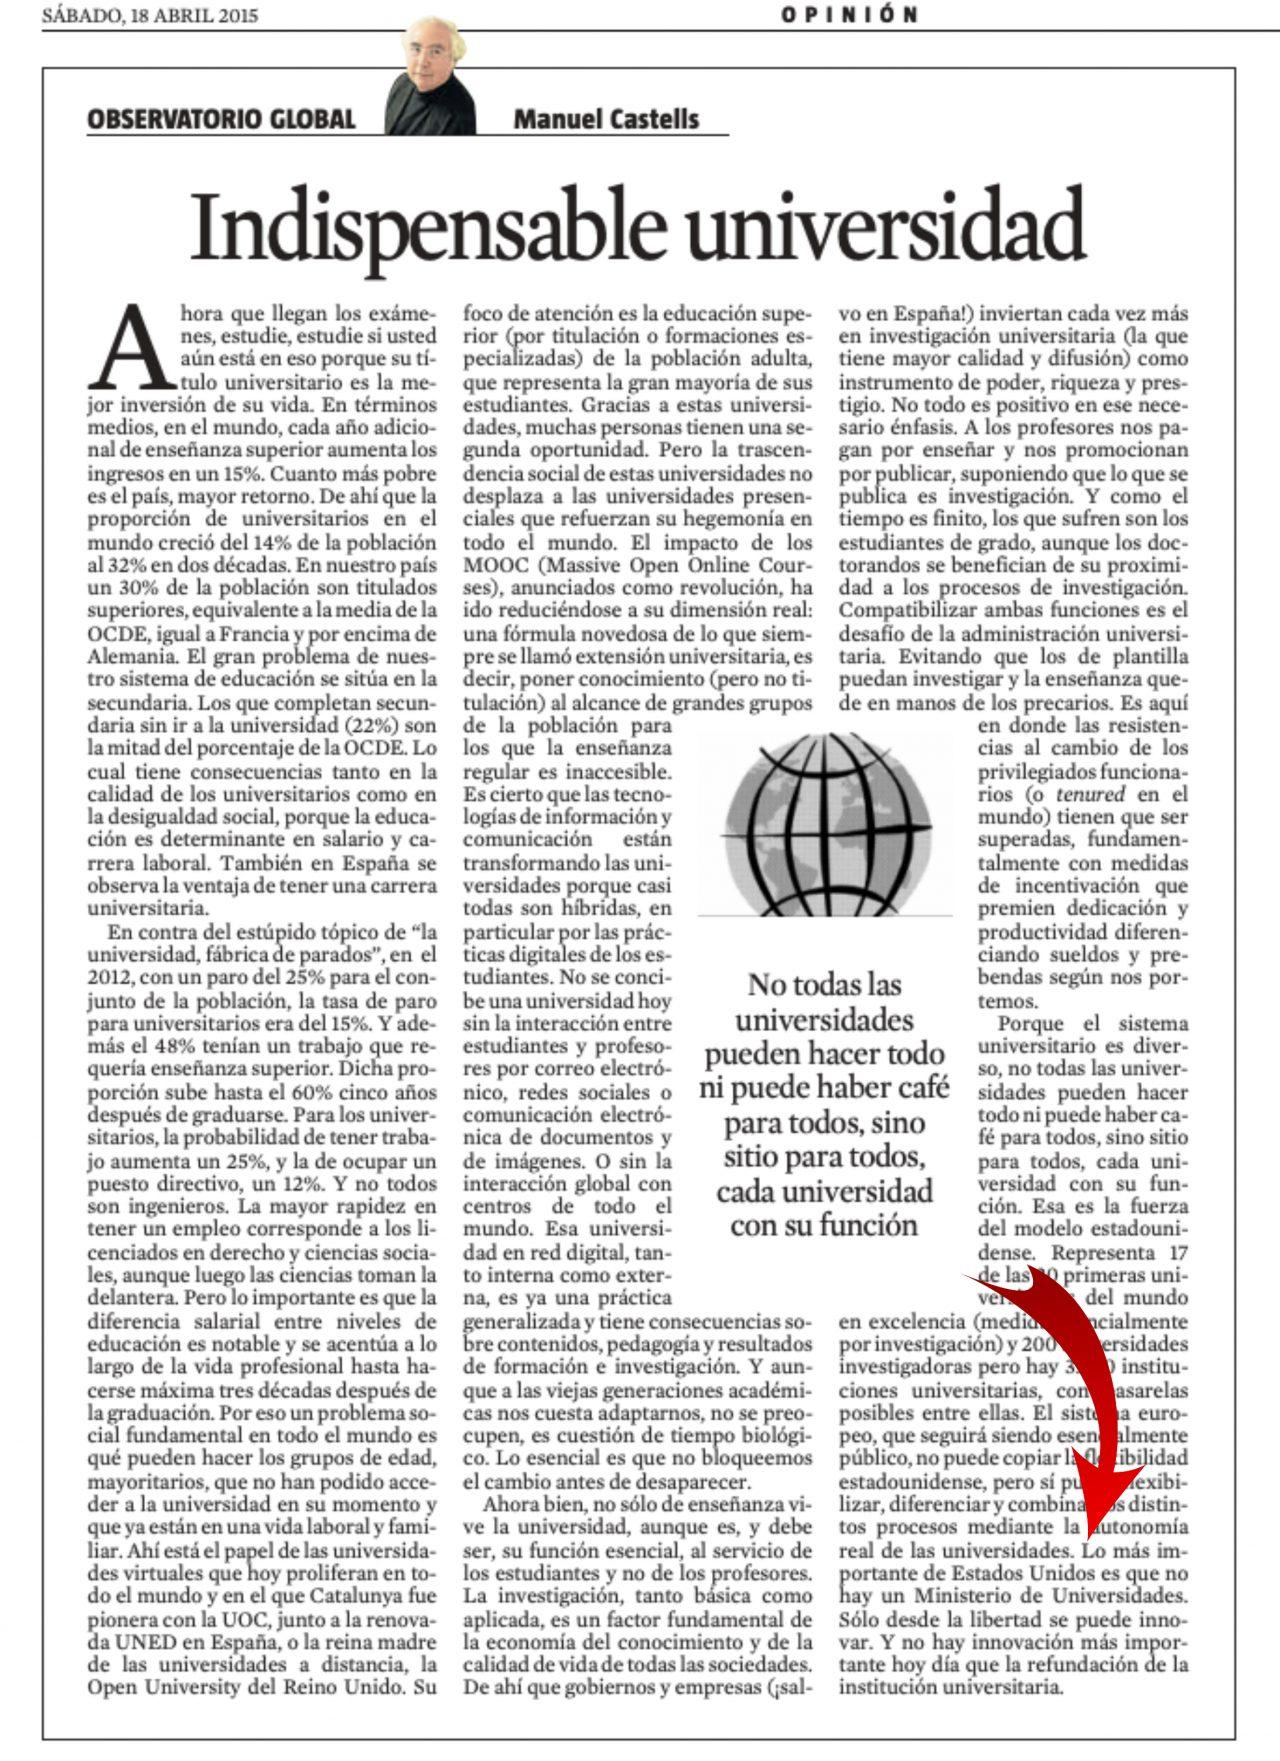 """Manuel Castells: """"Lo más importante de Estados Unidos es que no hay un Ministerio de Universidades"""""""